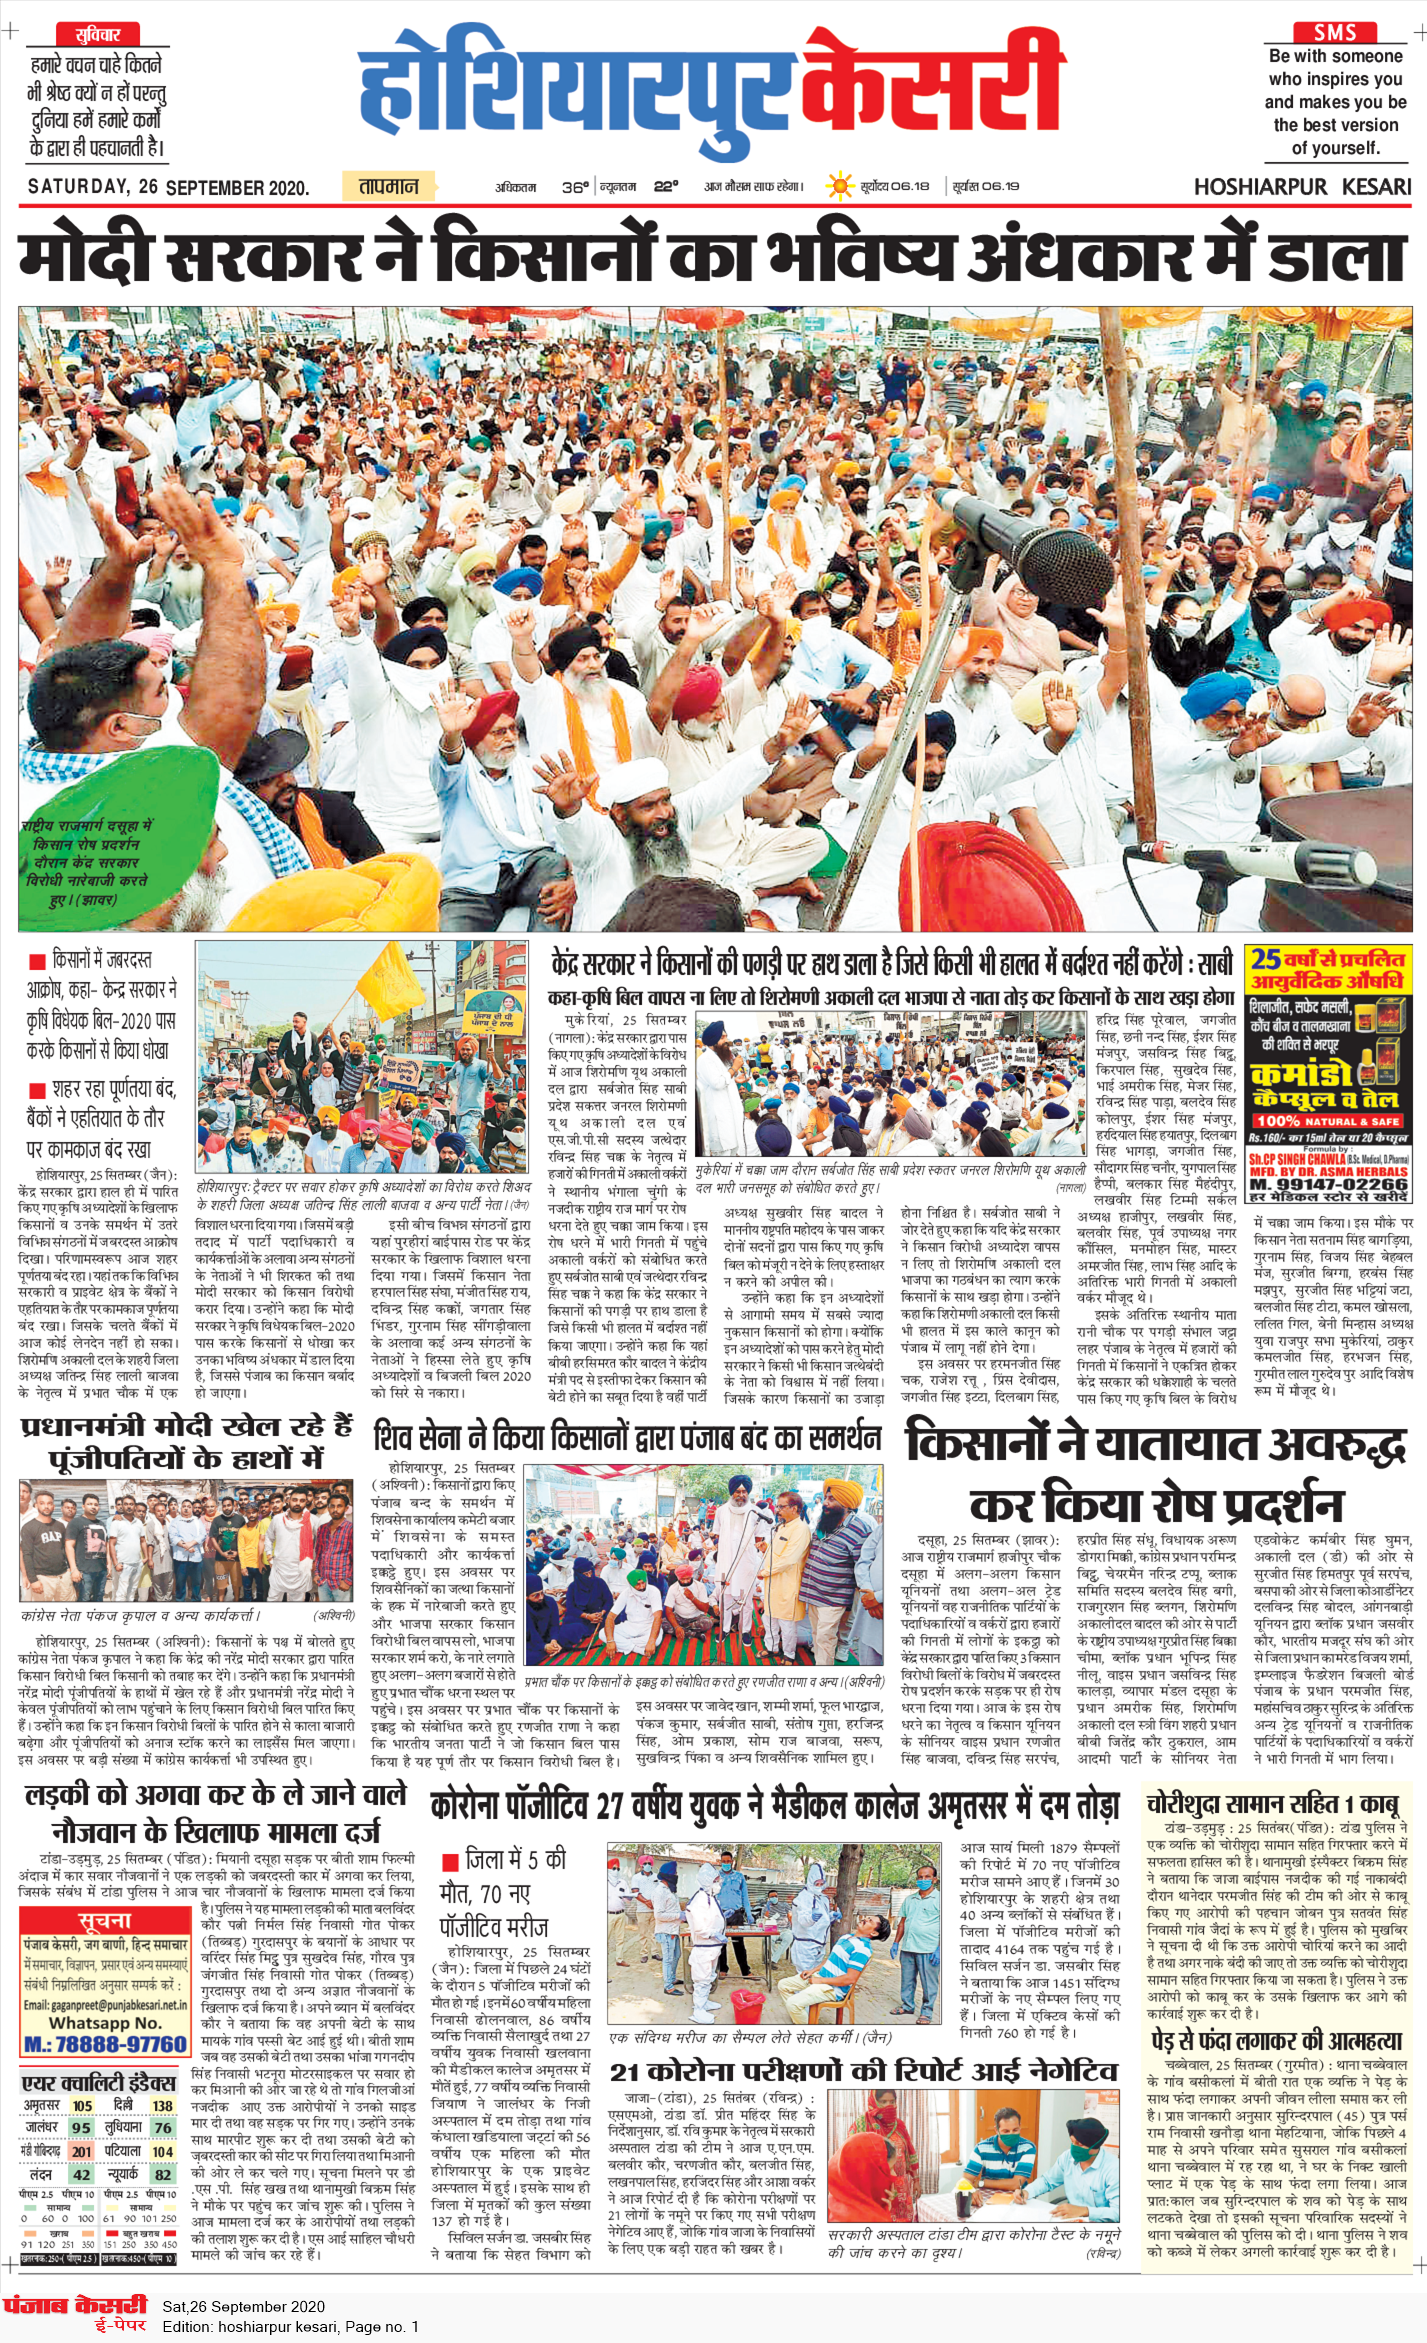 Hoshiarpur Kesari 9/26/2020 12:00:00 AM